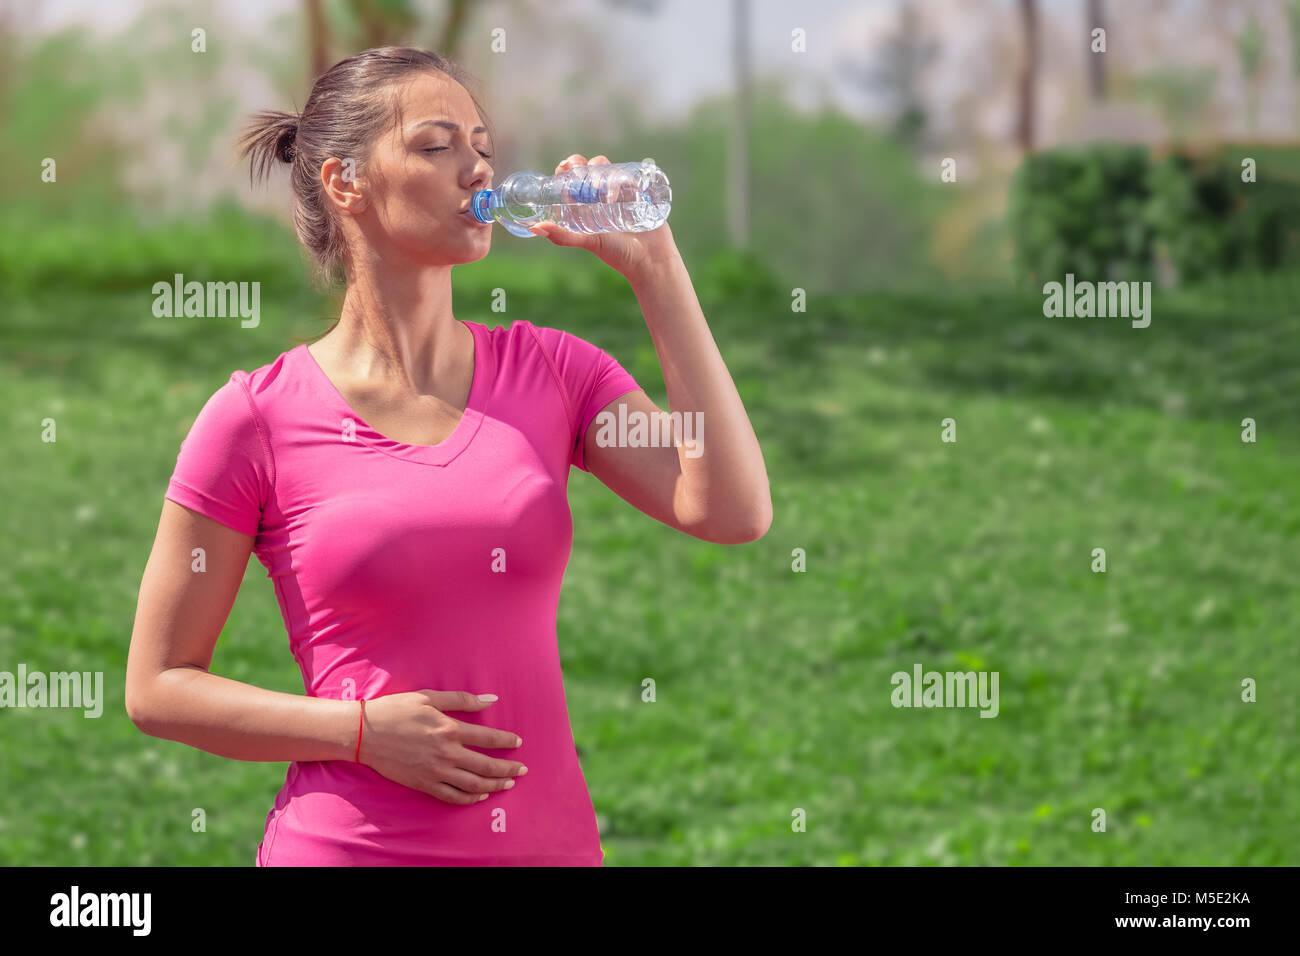 Runner Fitness Femme de l'eau potable dans le parc. Fille de l'athlète en faisant une pause pendant l'exécution d'hydrater pendant les chaudes journées d'été. Mode de vie sain et actif. Banque D'Images